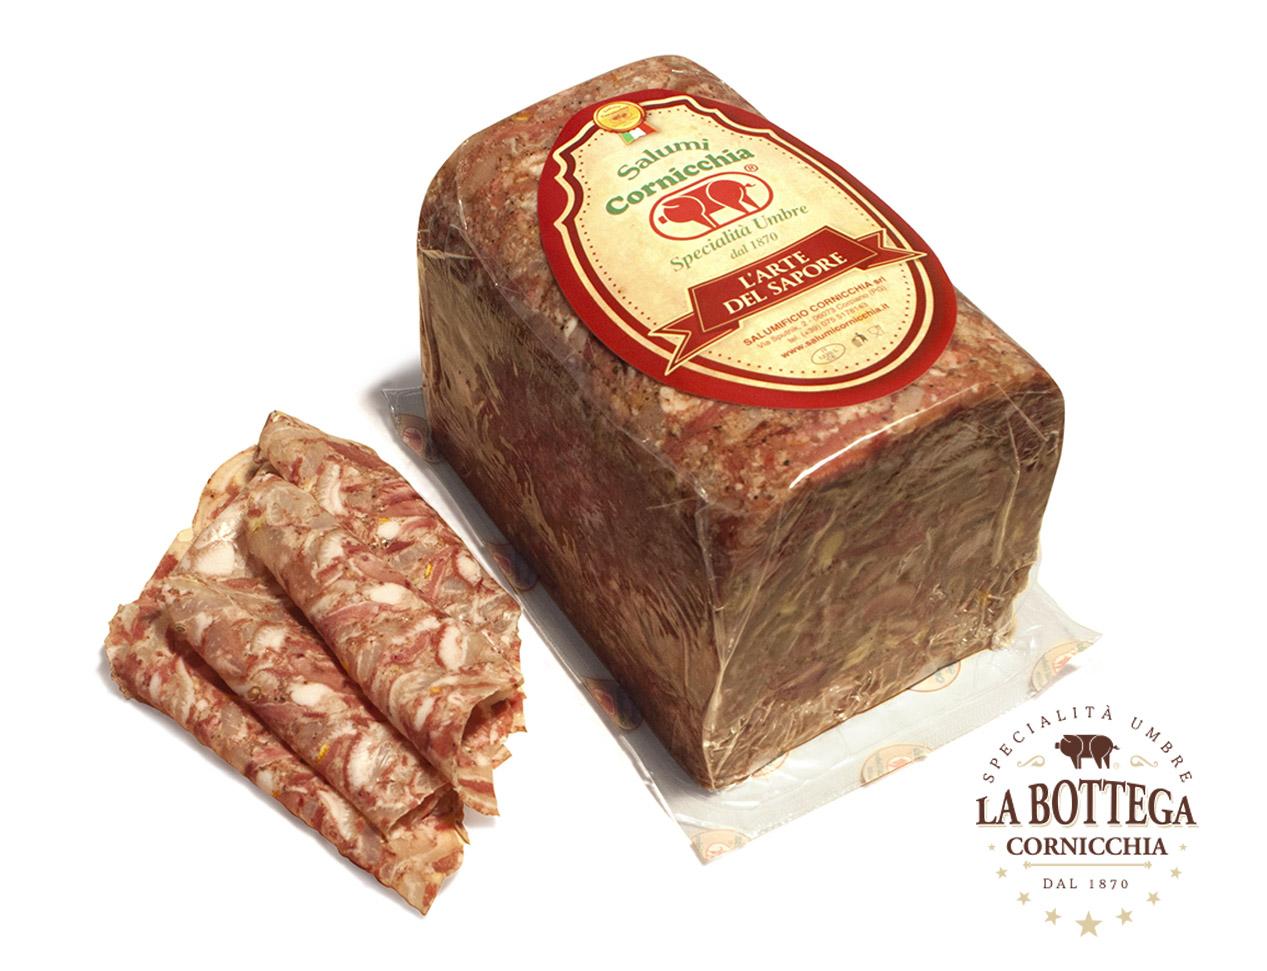 La Bottega Cornicchia - Salumificio